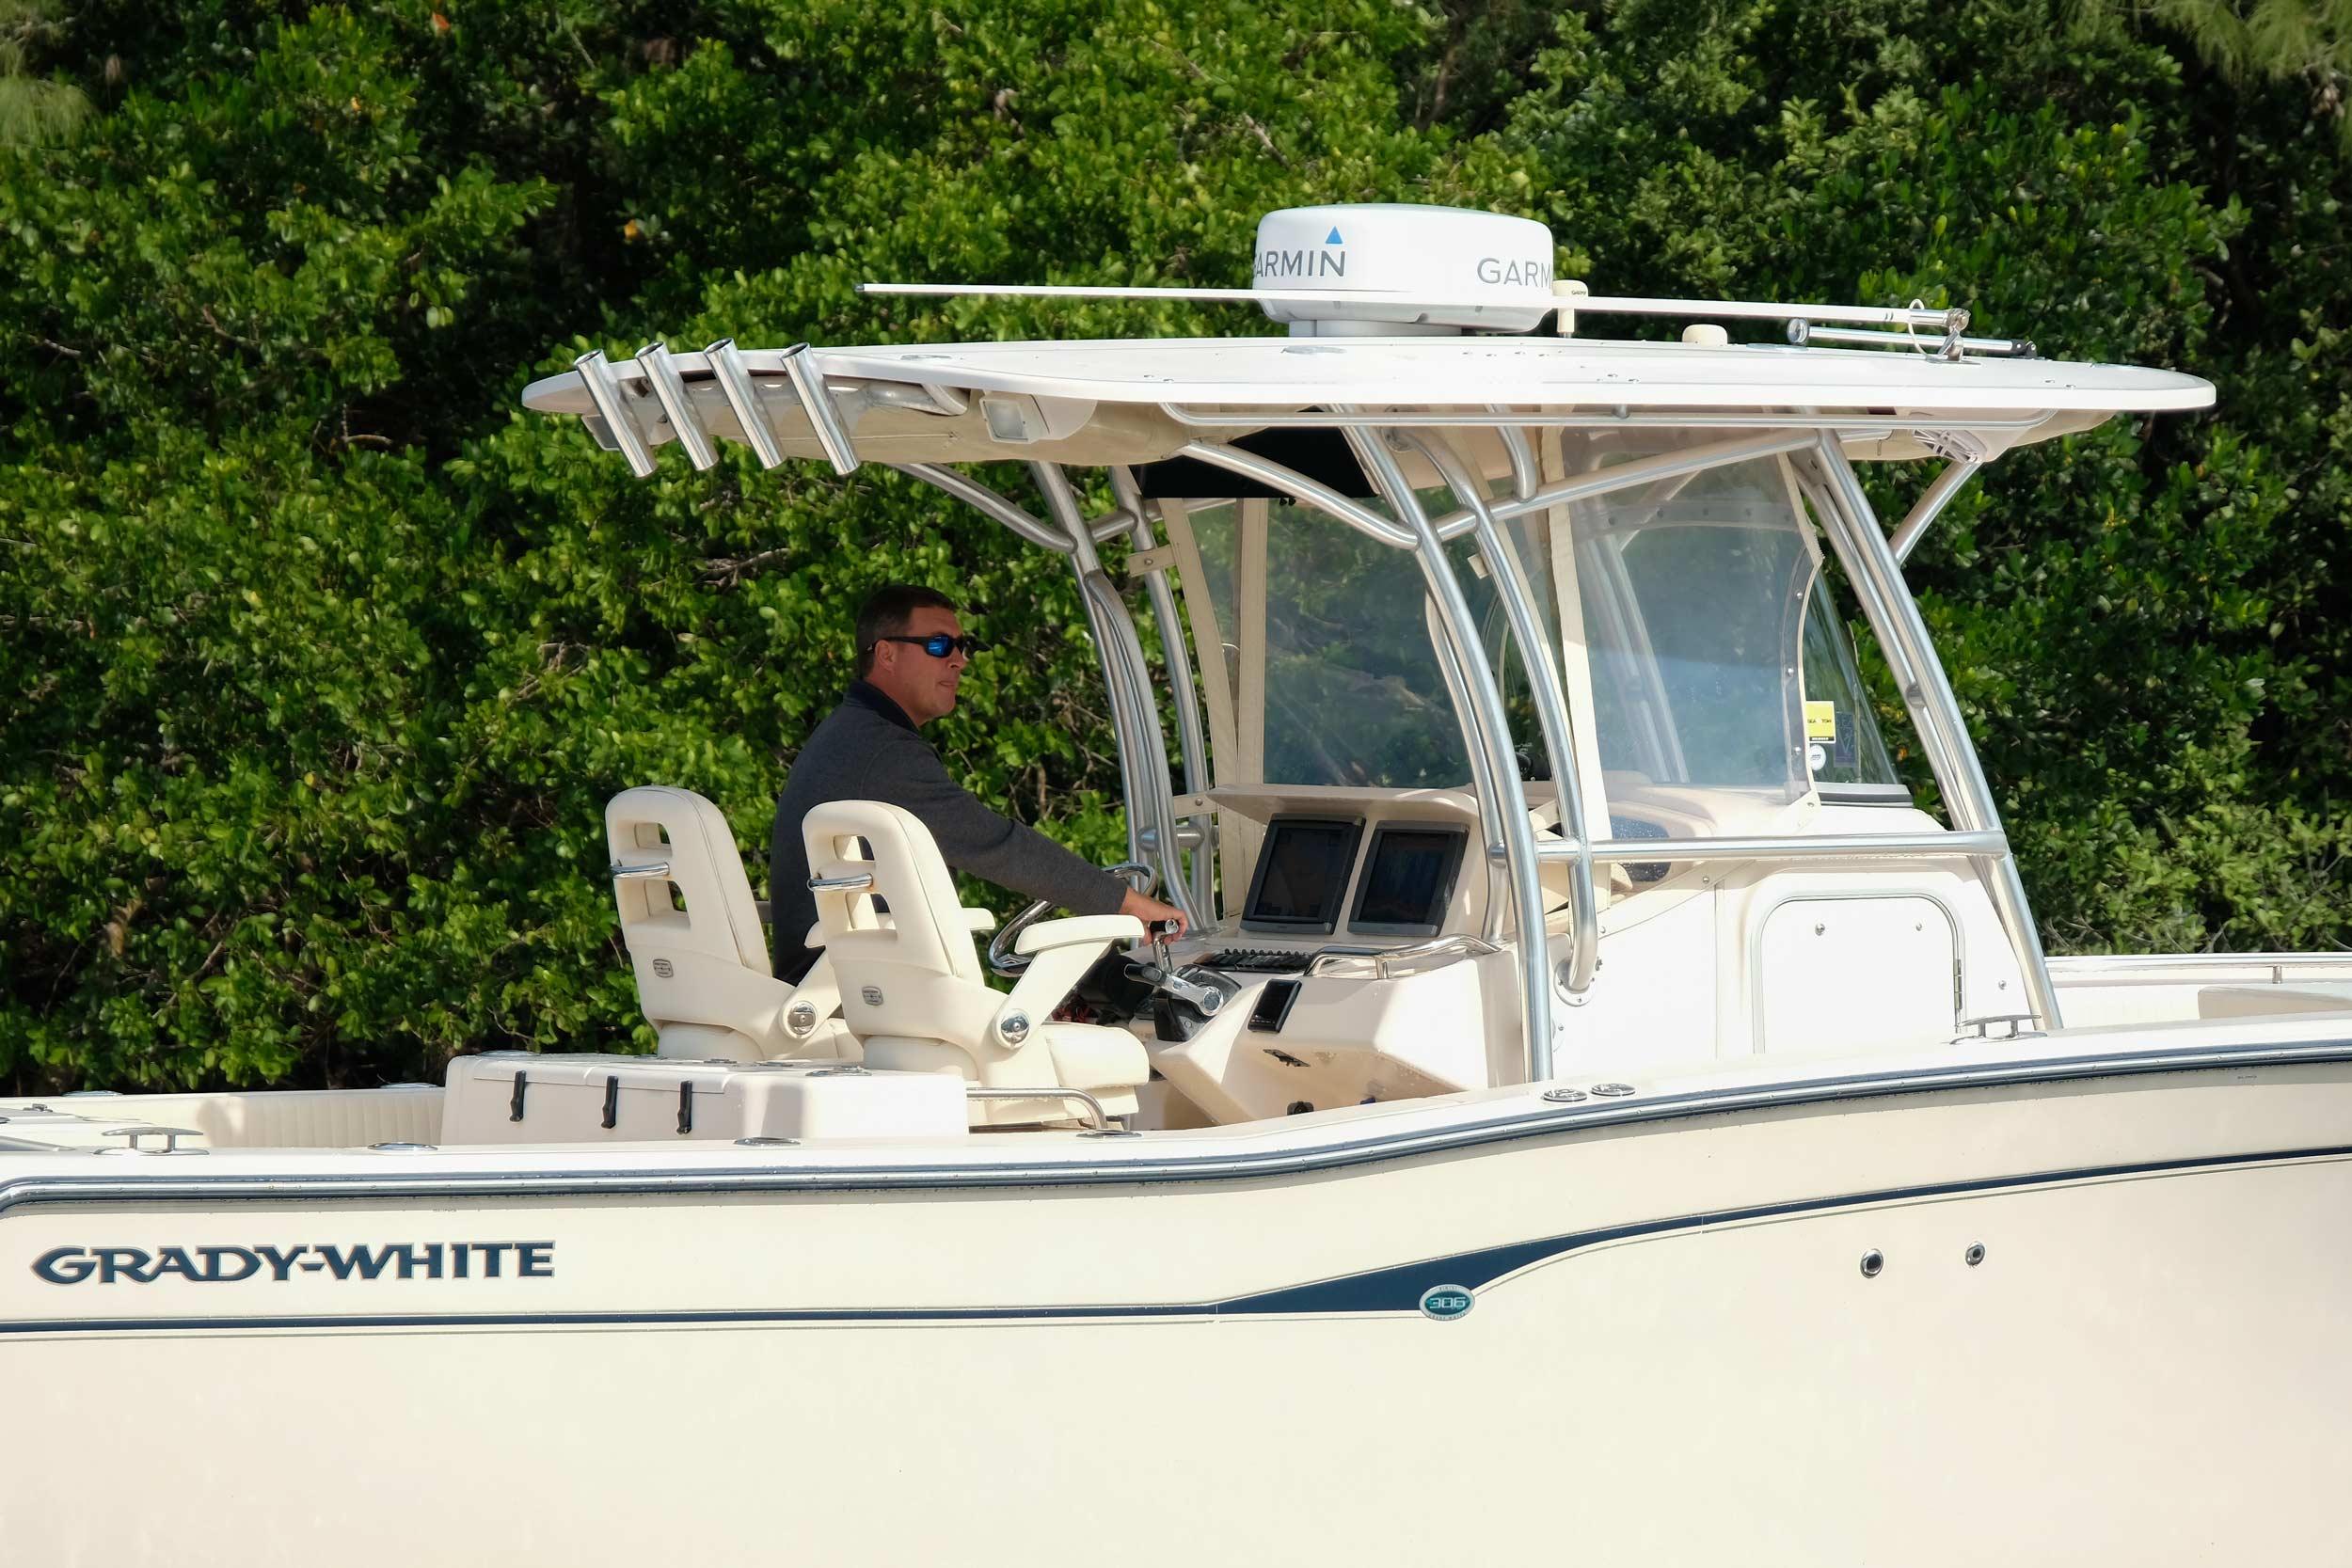 2008 Grady-White Bimini 306